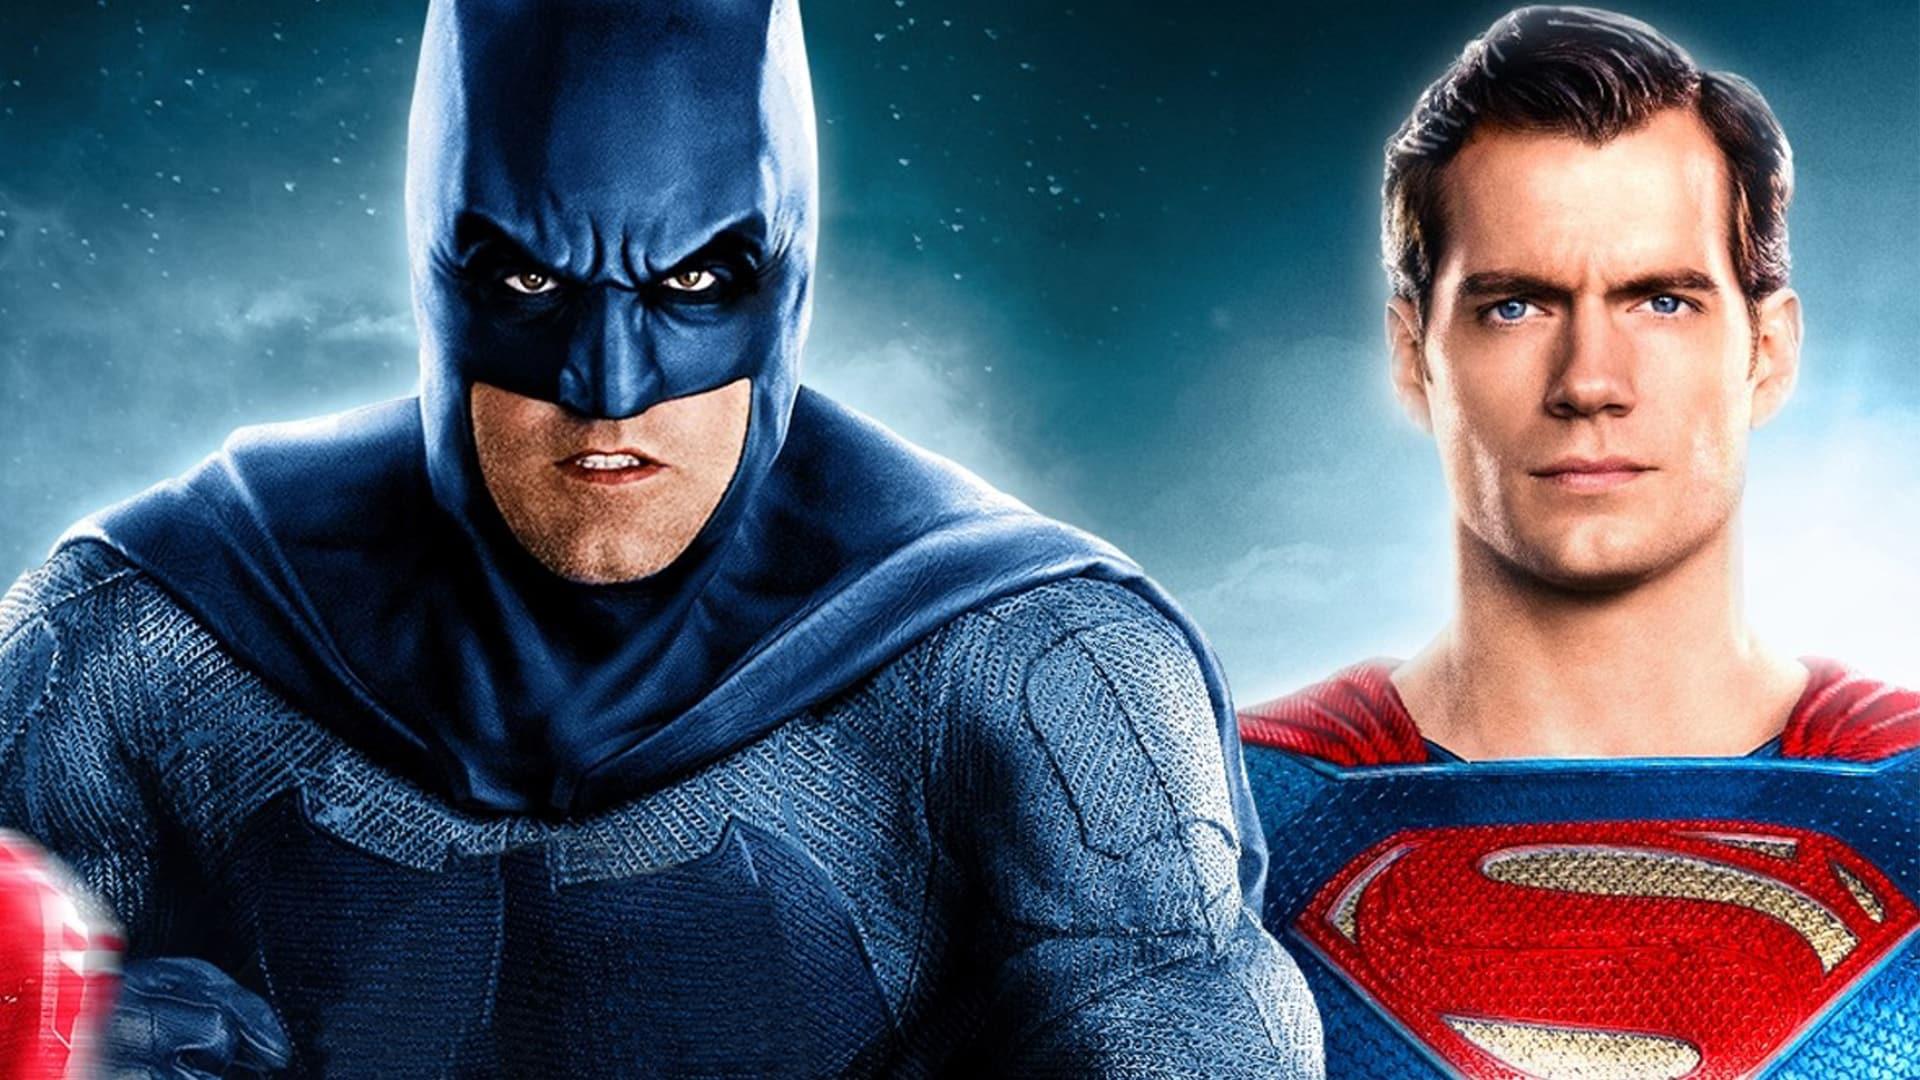 Batman mal v pôvodnej verzii Justice League zomrieť!Batman mal v pôvodnej verzii Justice League zomrieť!